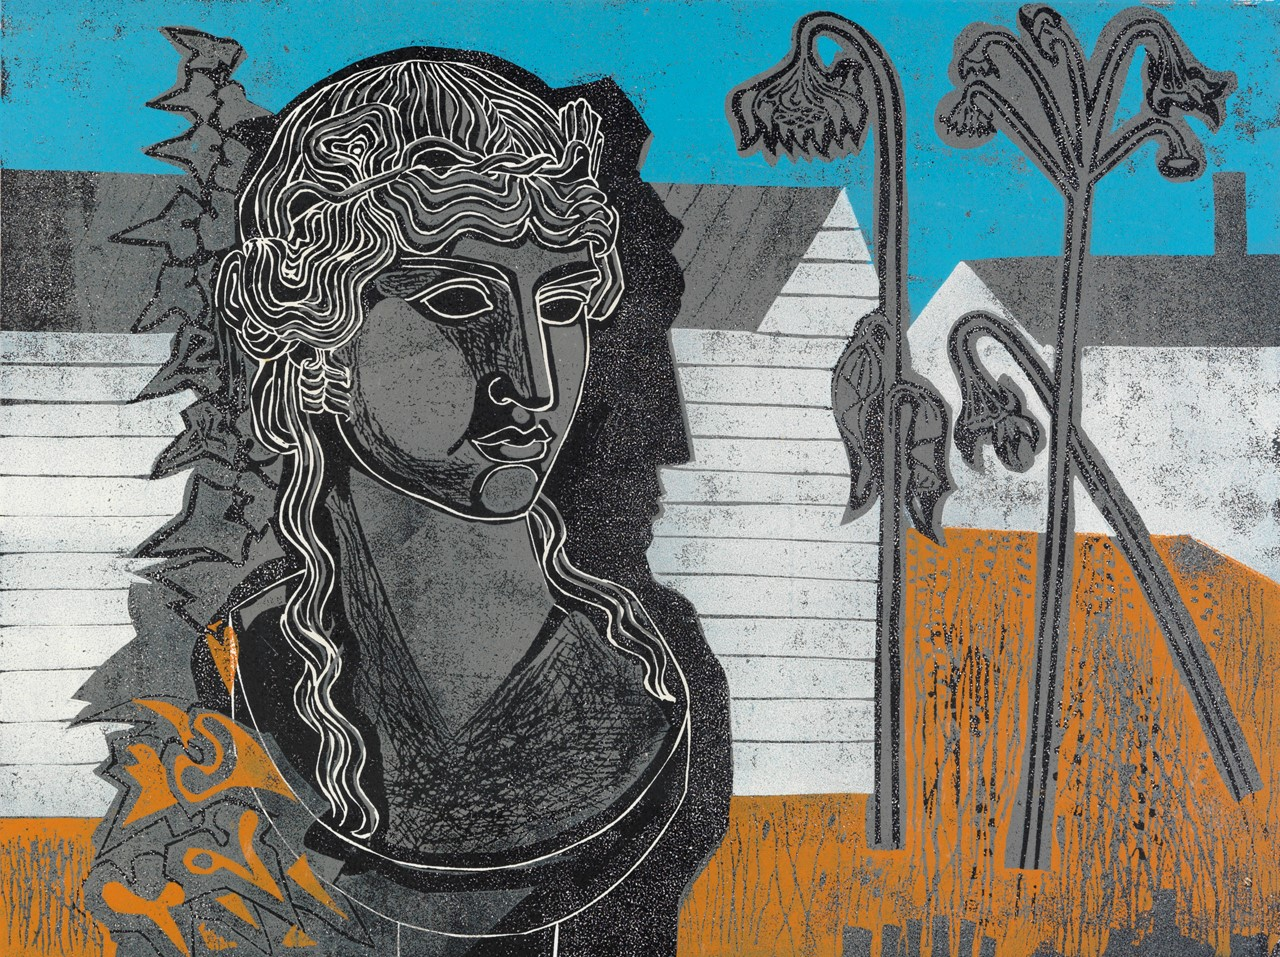 Hoyle - Bust in a Garden